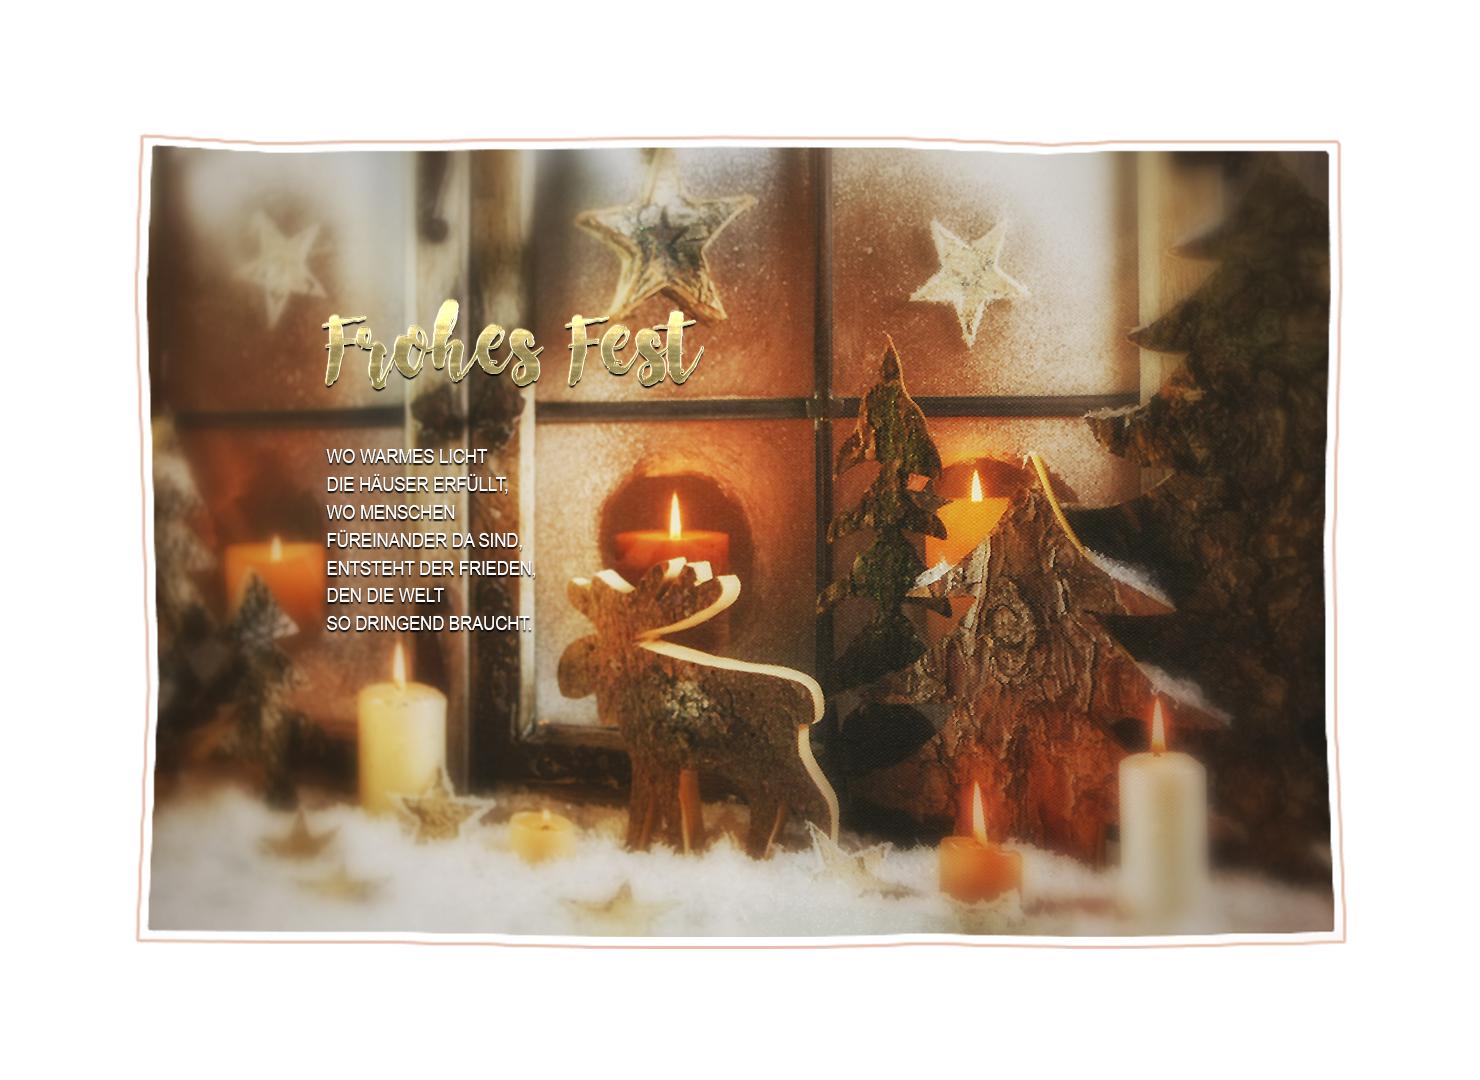 advents und weihnachtskarten 2017 ende foto bild. Black Bedroom Furniture Sets. Home Design Ideas